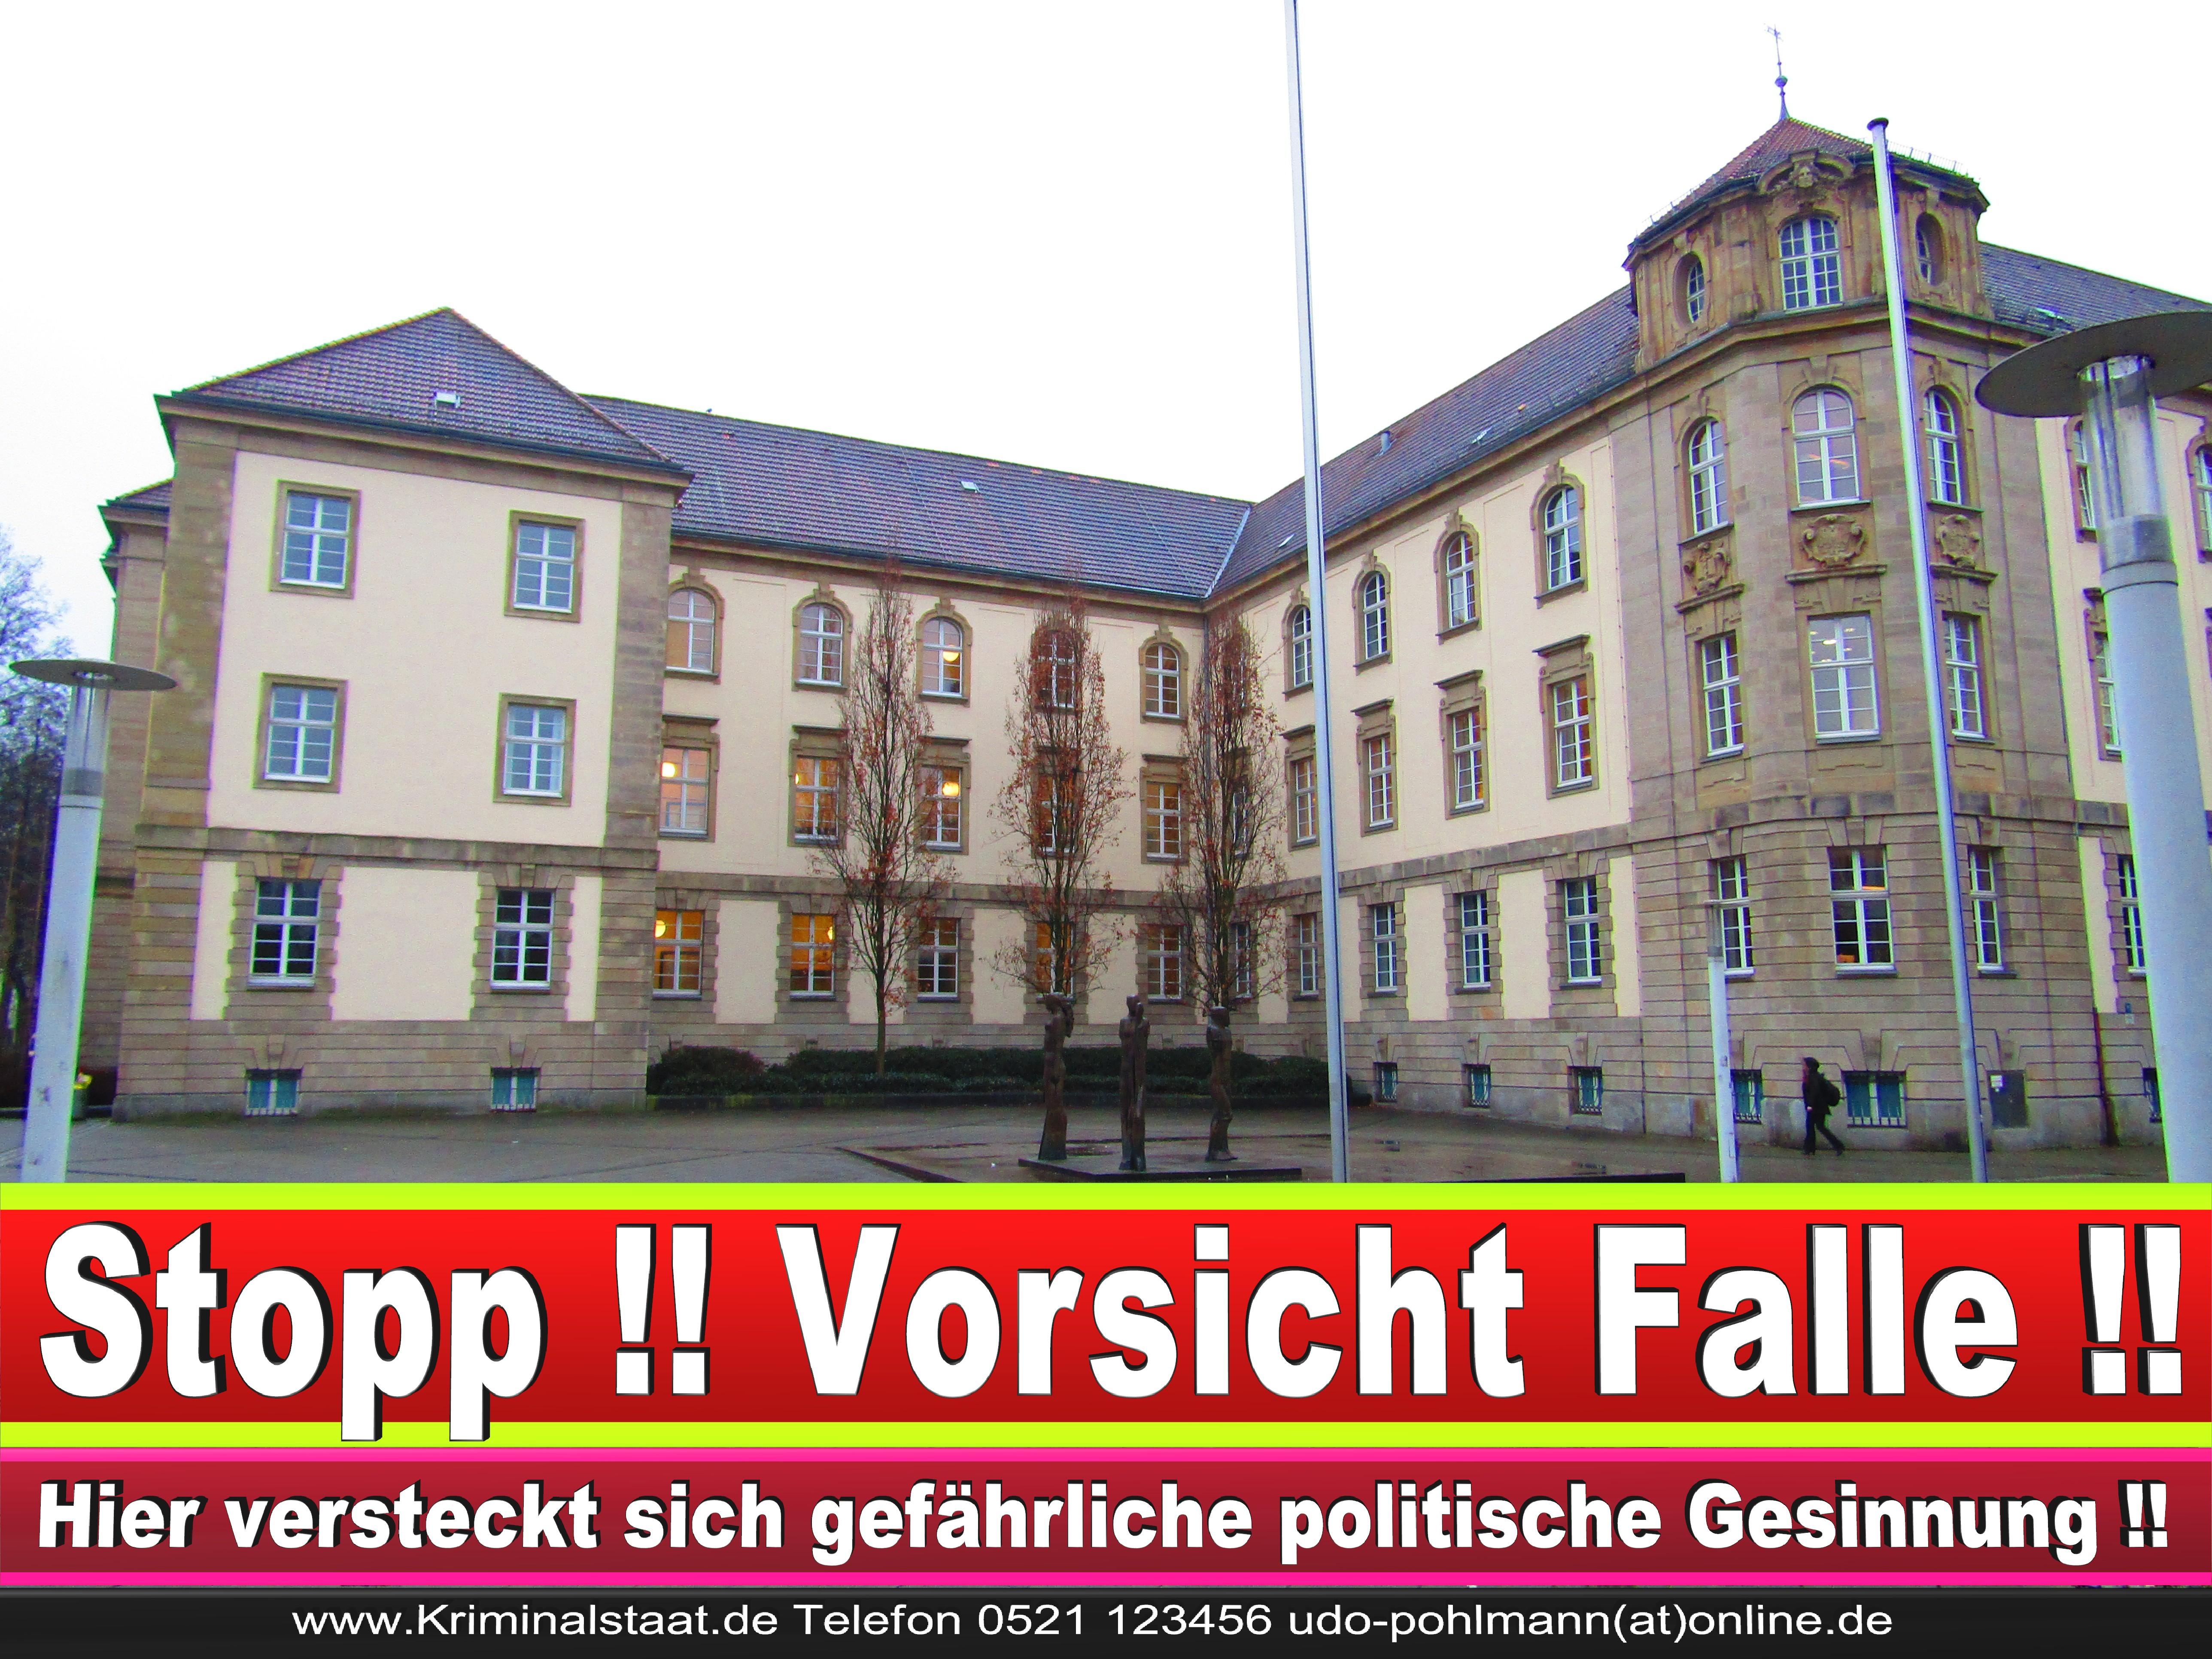 AMTSGERICHT DORTMUND RICHTER AUSBILDUNG PRAKTIKUM ANFAHRT URTEILE KORRUPTION POLIZEI ADRESSE DIREKTOR (16) 1 1